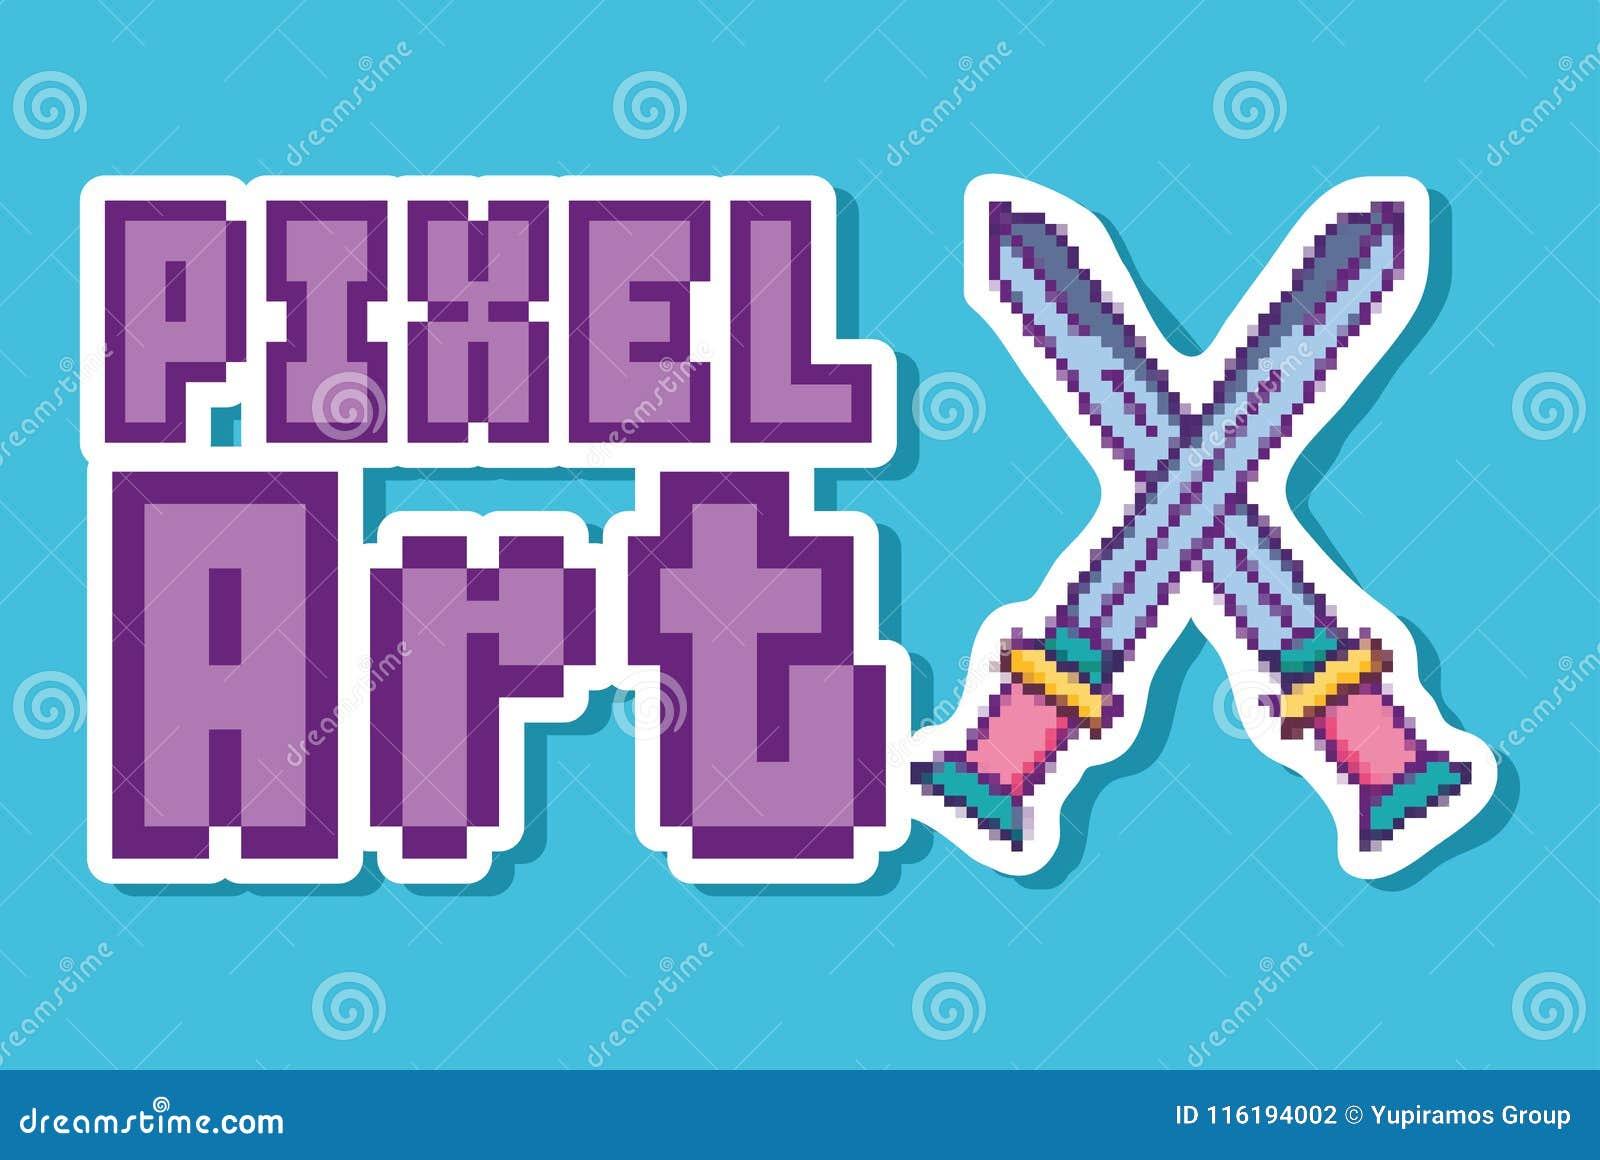 Concetto di arte del pixel